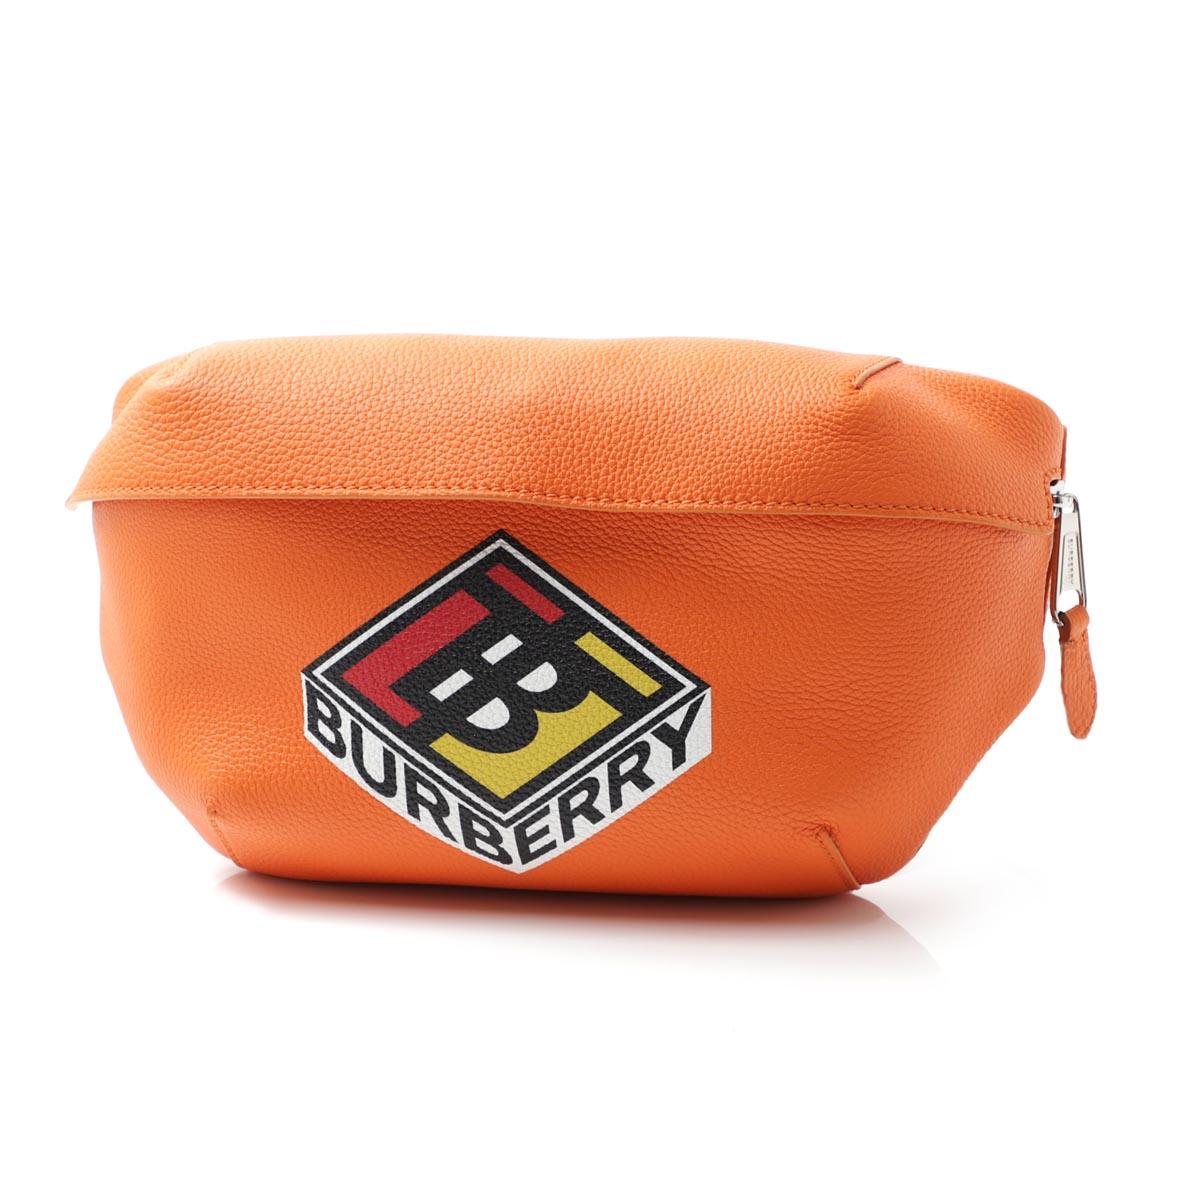 バーバリー BURBERRY ボディバッグ ウエストポーチ オレンジ メンズ 8022535 brightorange LOGO GRAPHIC GRAINY LEATHER SONNY BUMBAG【あす楽対応_関東】【返品送料無料】【ラッピング無料】